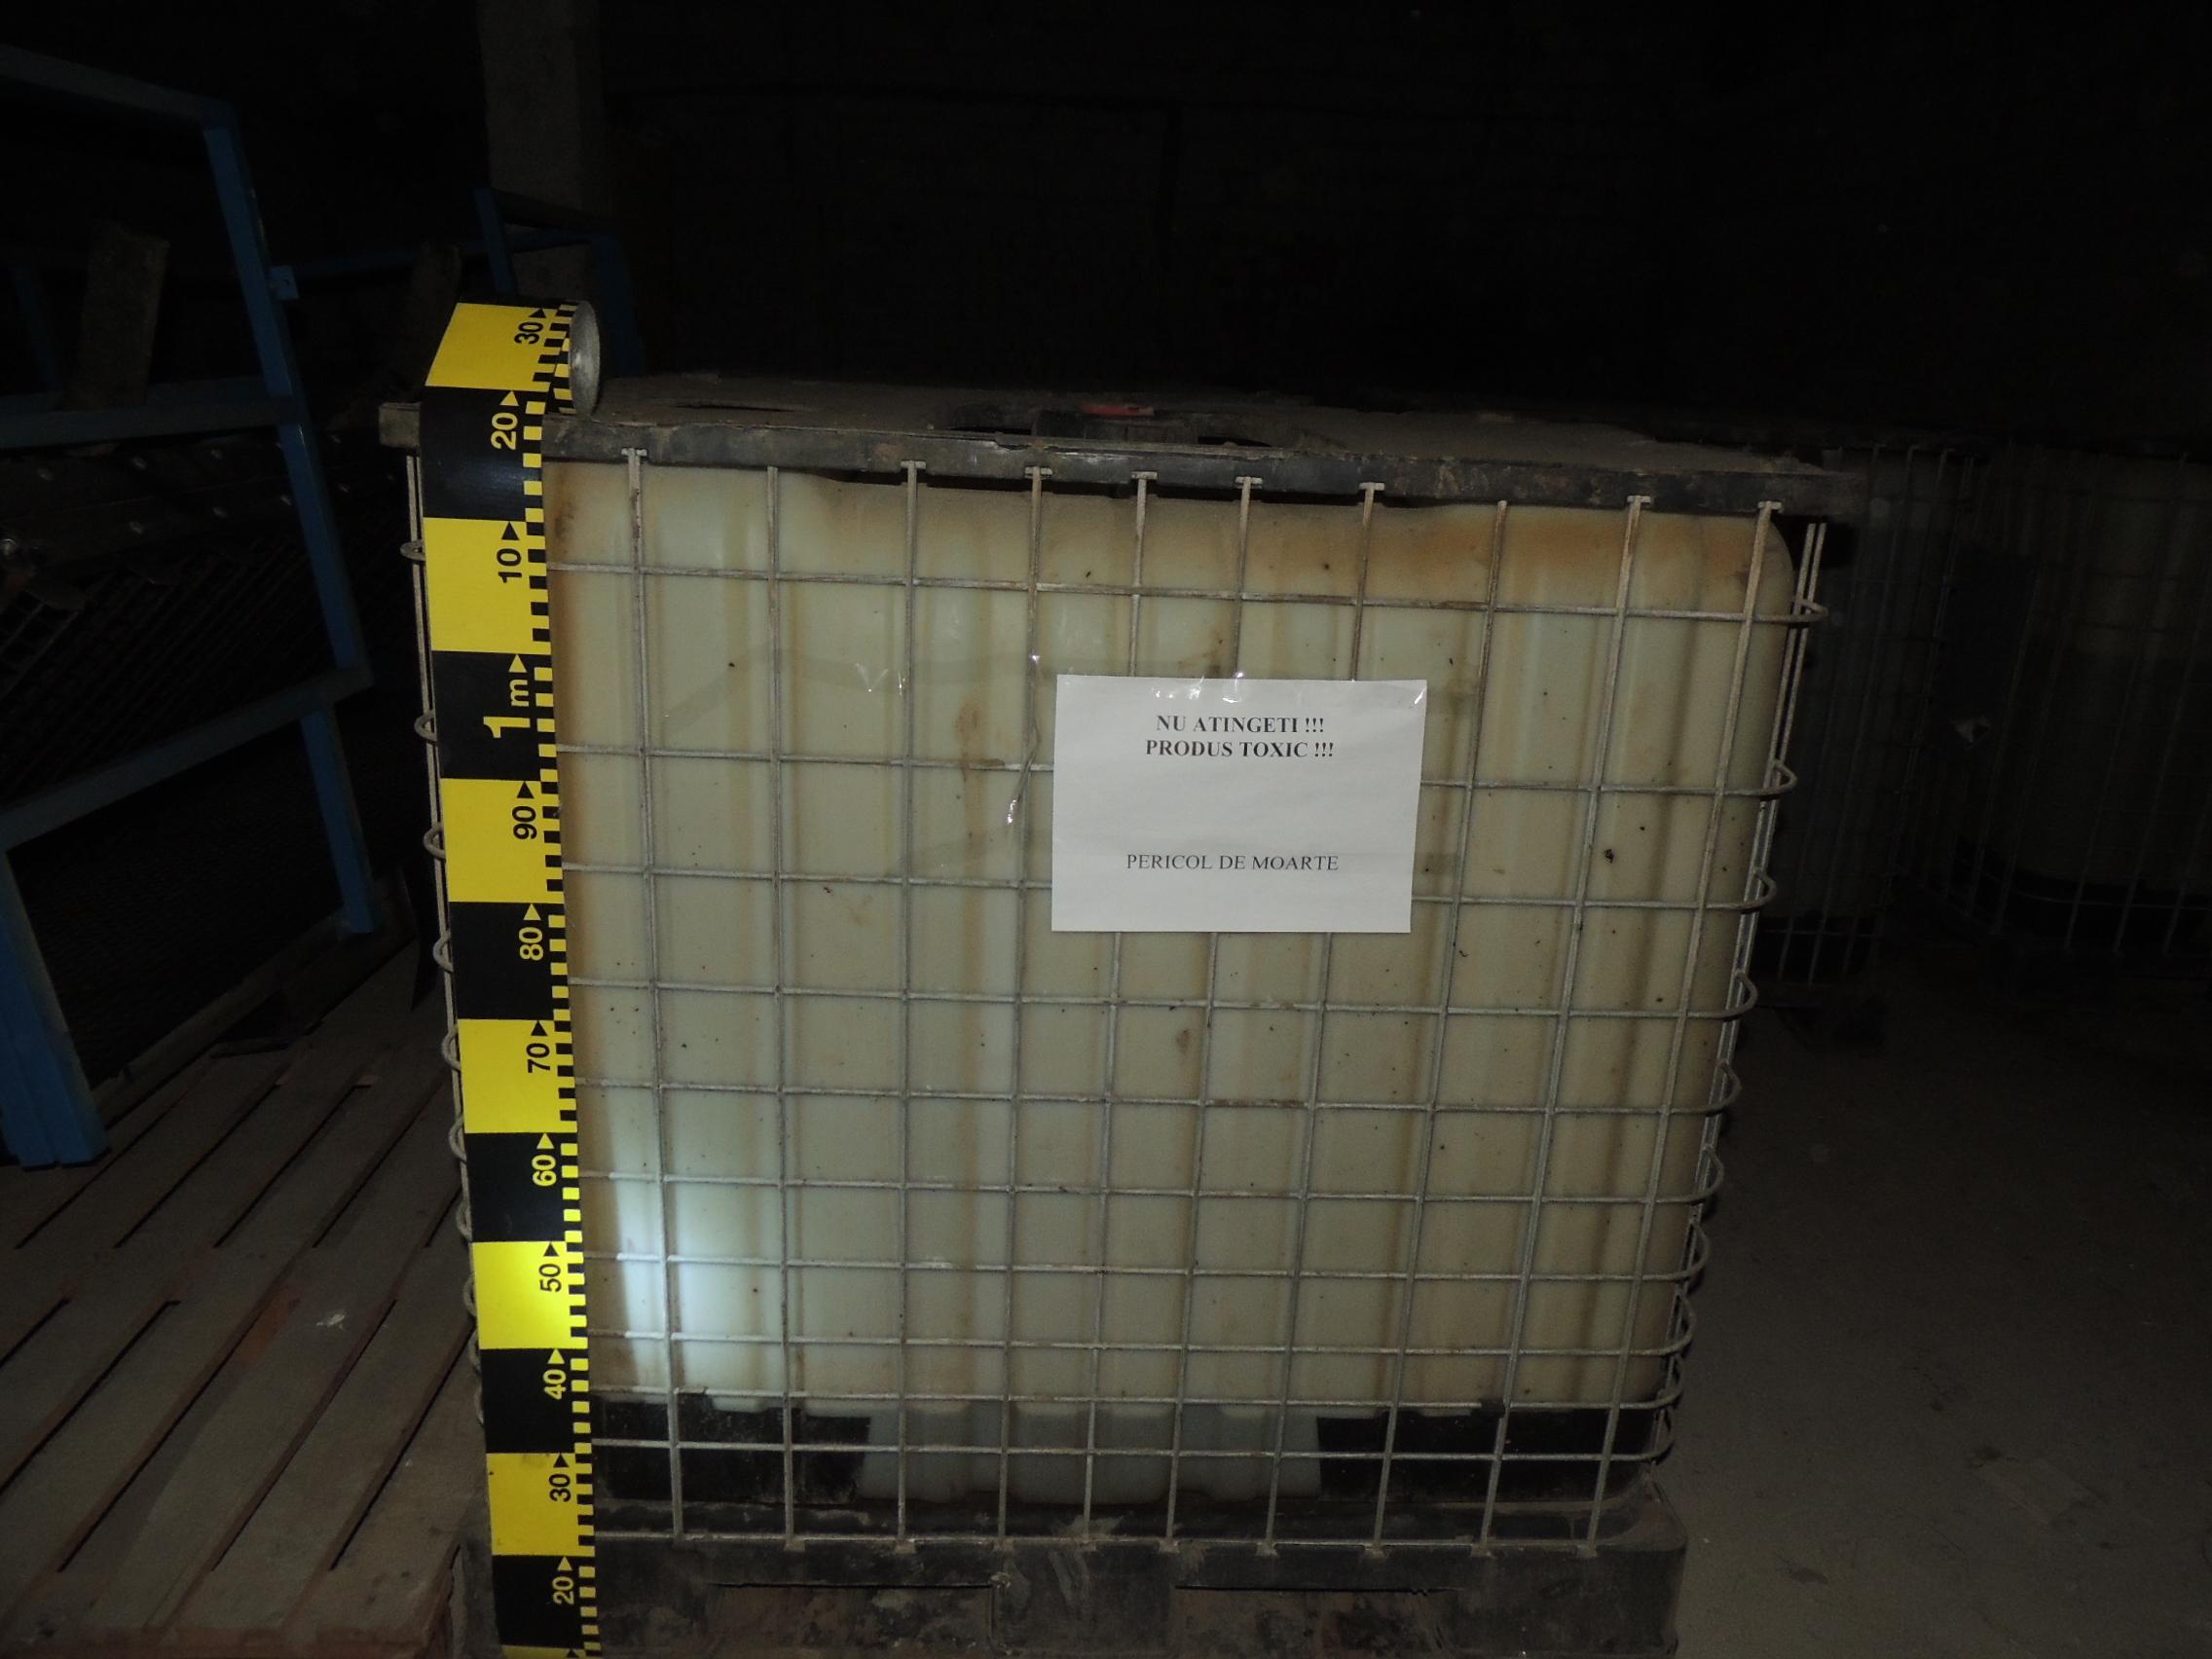 Peste 3 tone de acid clorhidric, o substanta extrem de toxica, descoperite de politisti in Timisoara